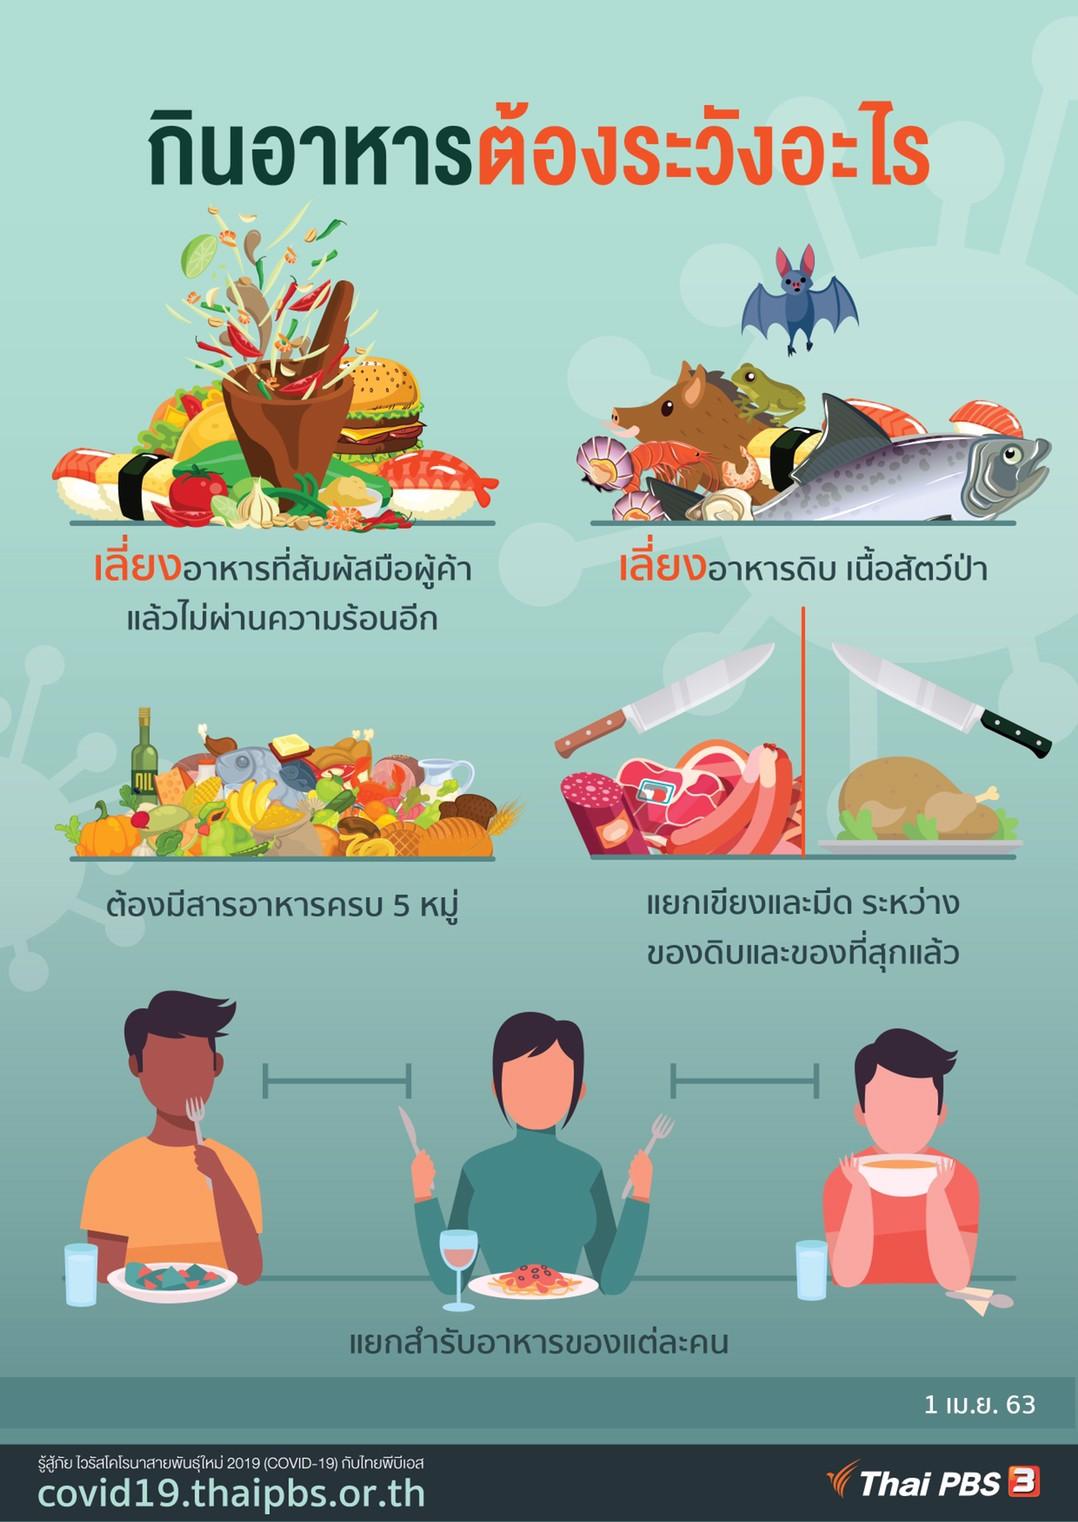 ข้อควรระวังในการกินอาหาร